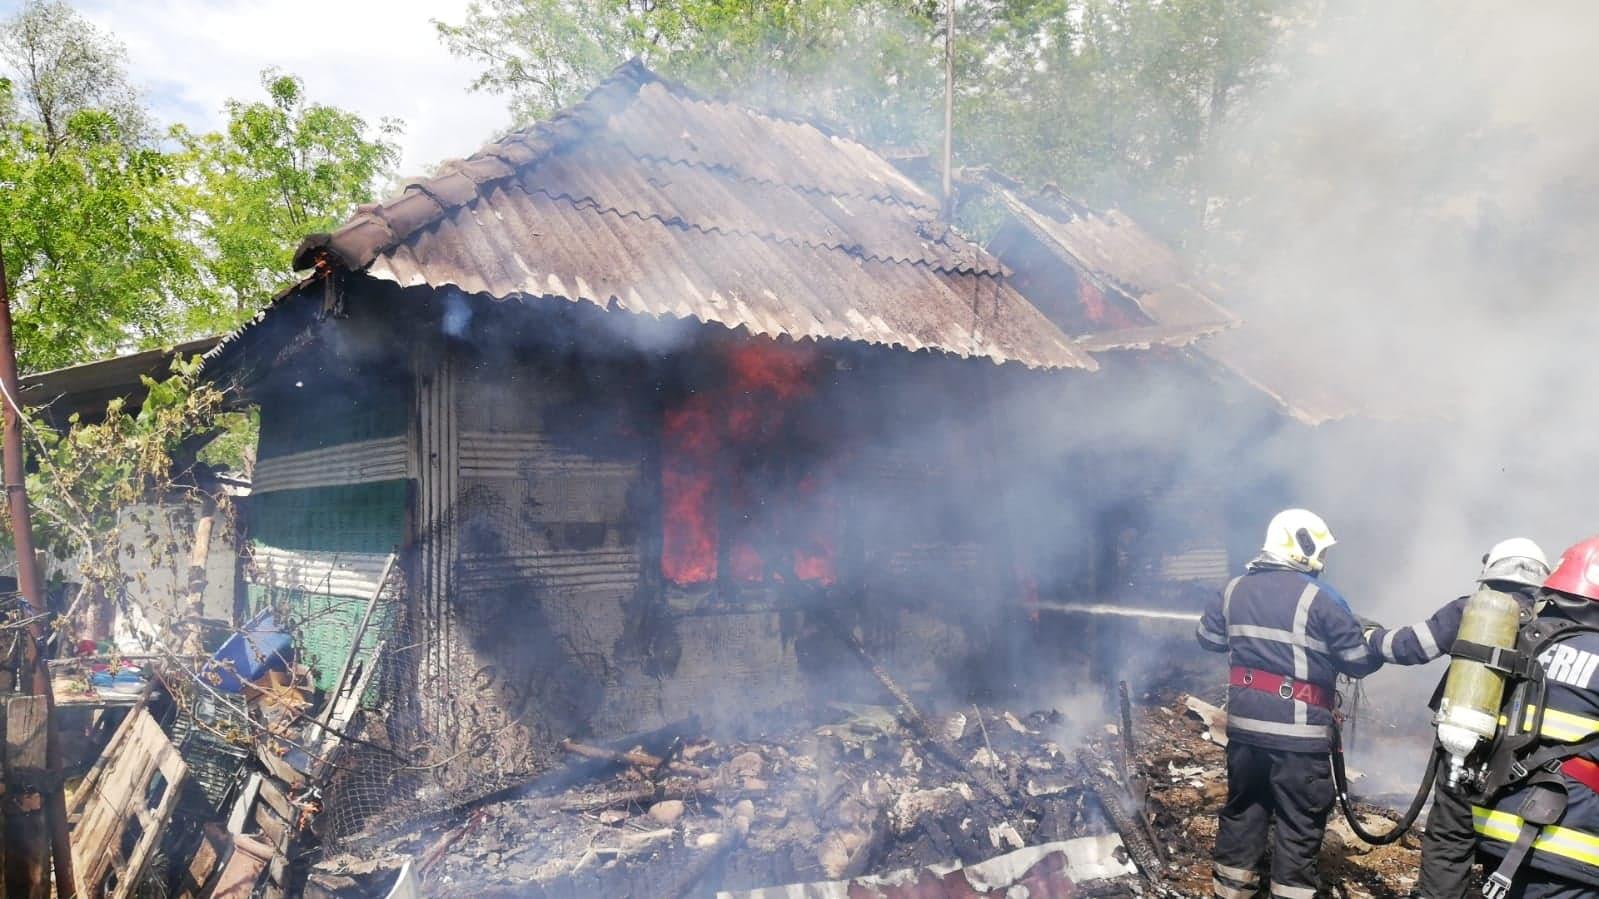 Pericol de explozie la Secuia după ce o casă a fost cuprinsă de flăcări (VIDEO)